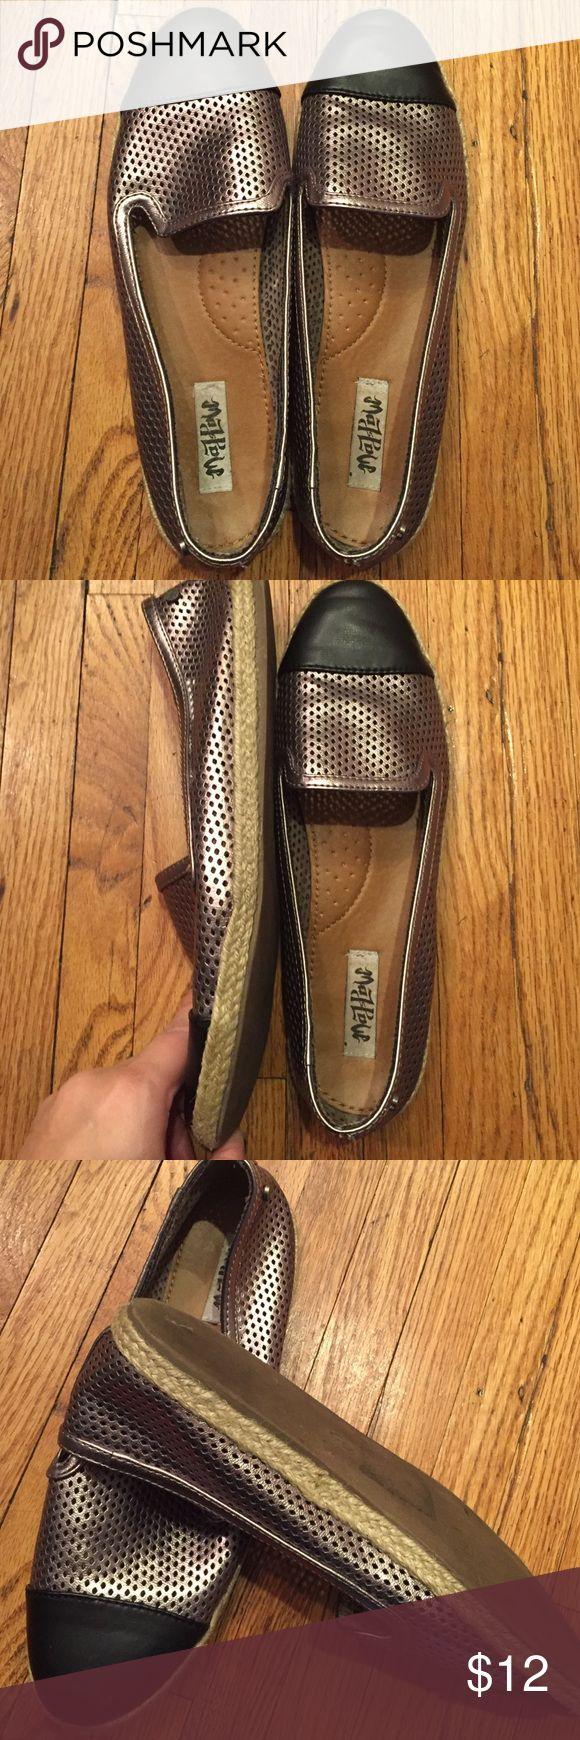 Size 9 Metallic & black espadrilles MadLove Comfy ladies espadrilles with black & metallic detail. Size 9. Excellent condition Shoes Espadrilles